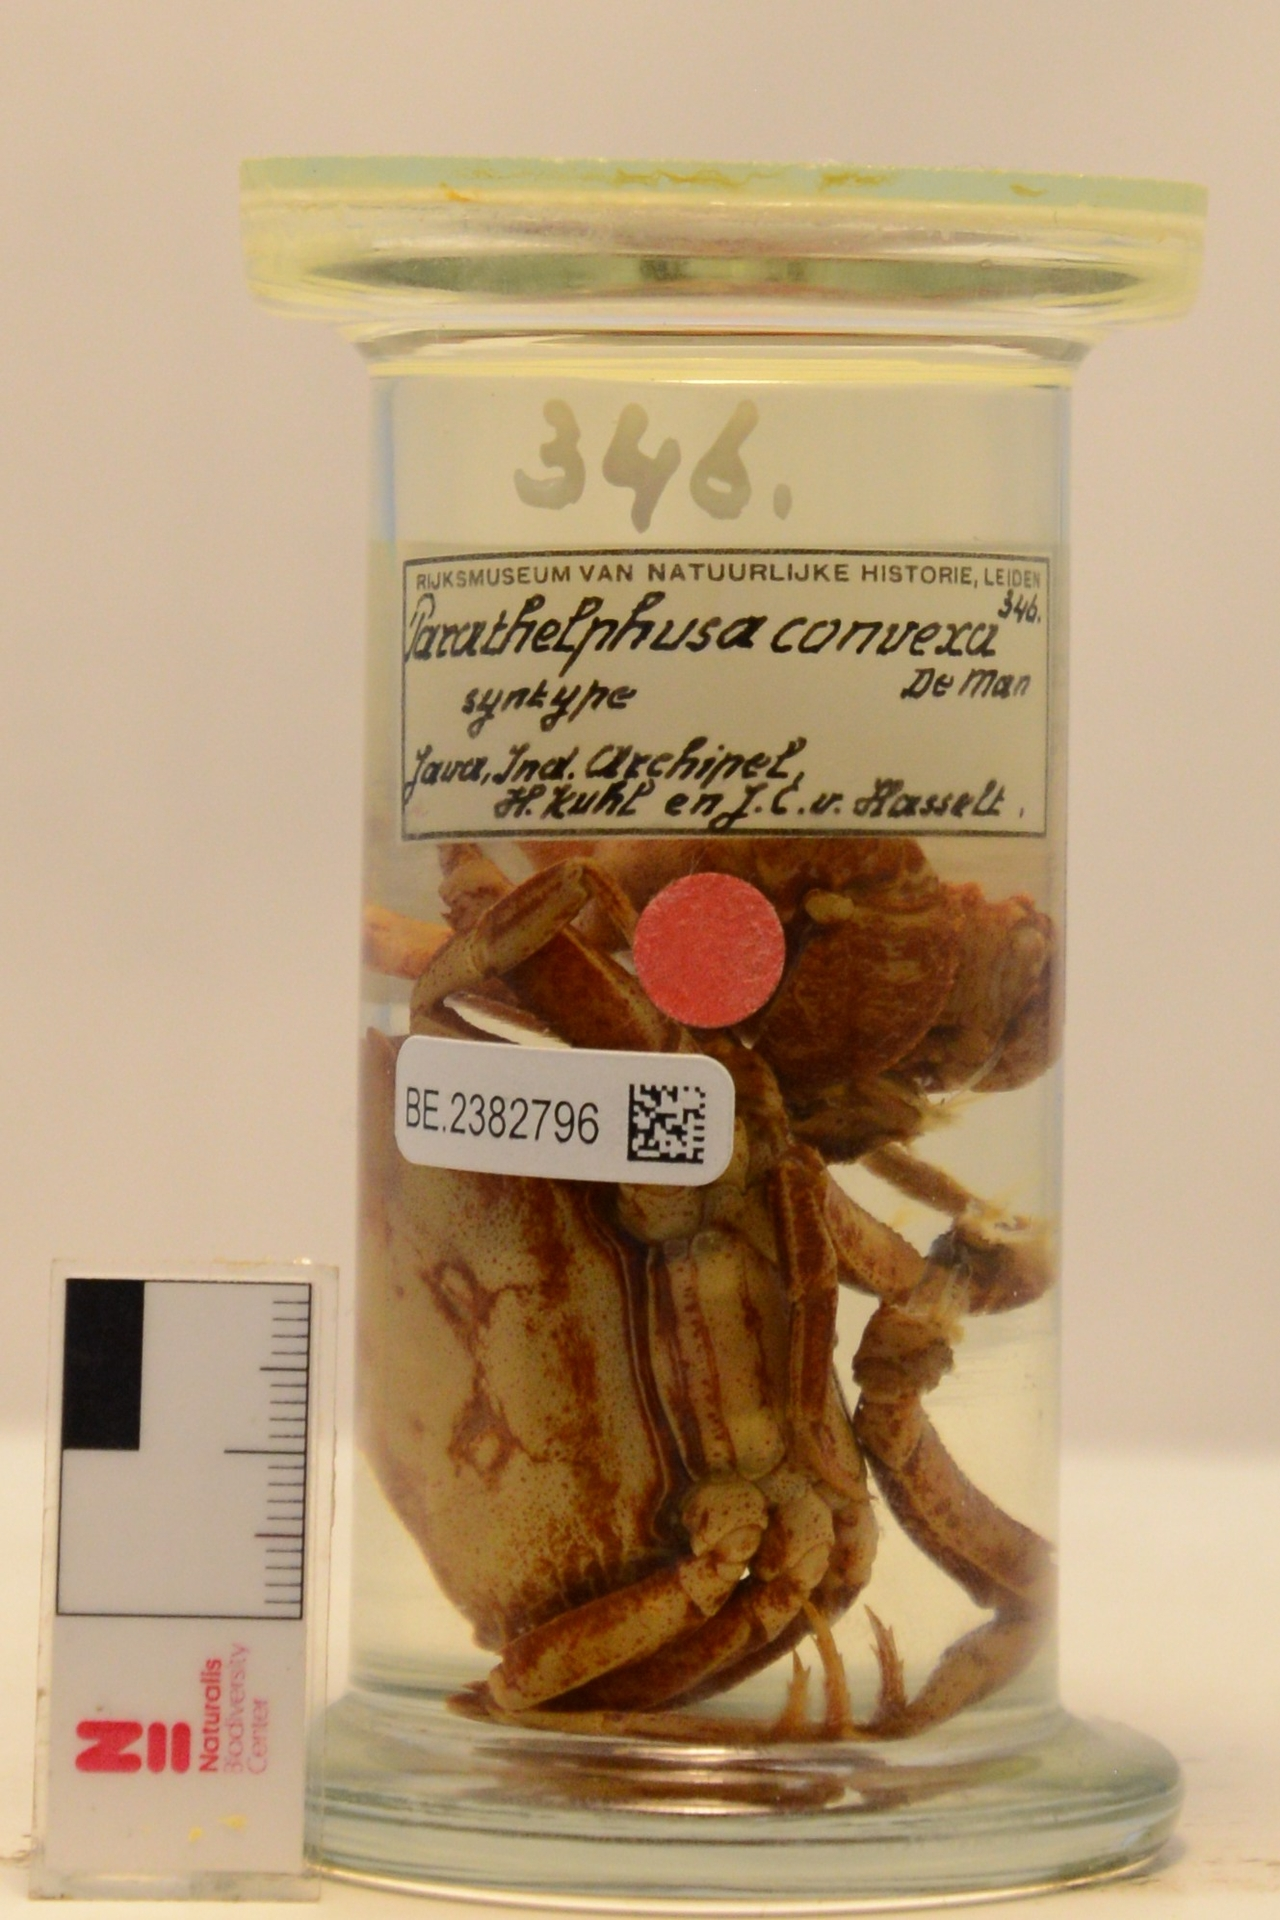 RMNH.CRUS.D.346 | Parathelphusa convexa de Man, 1879